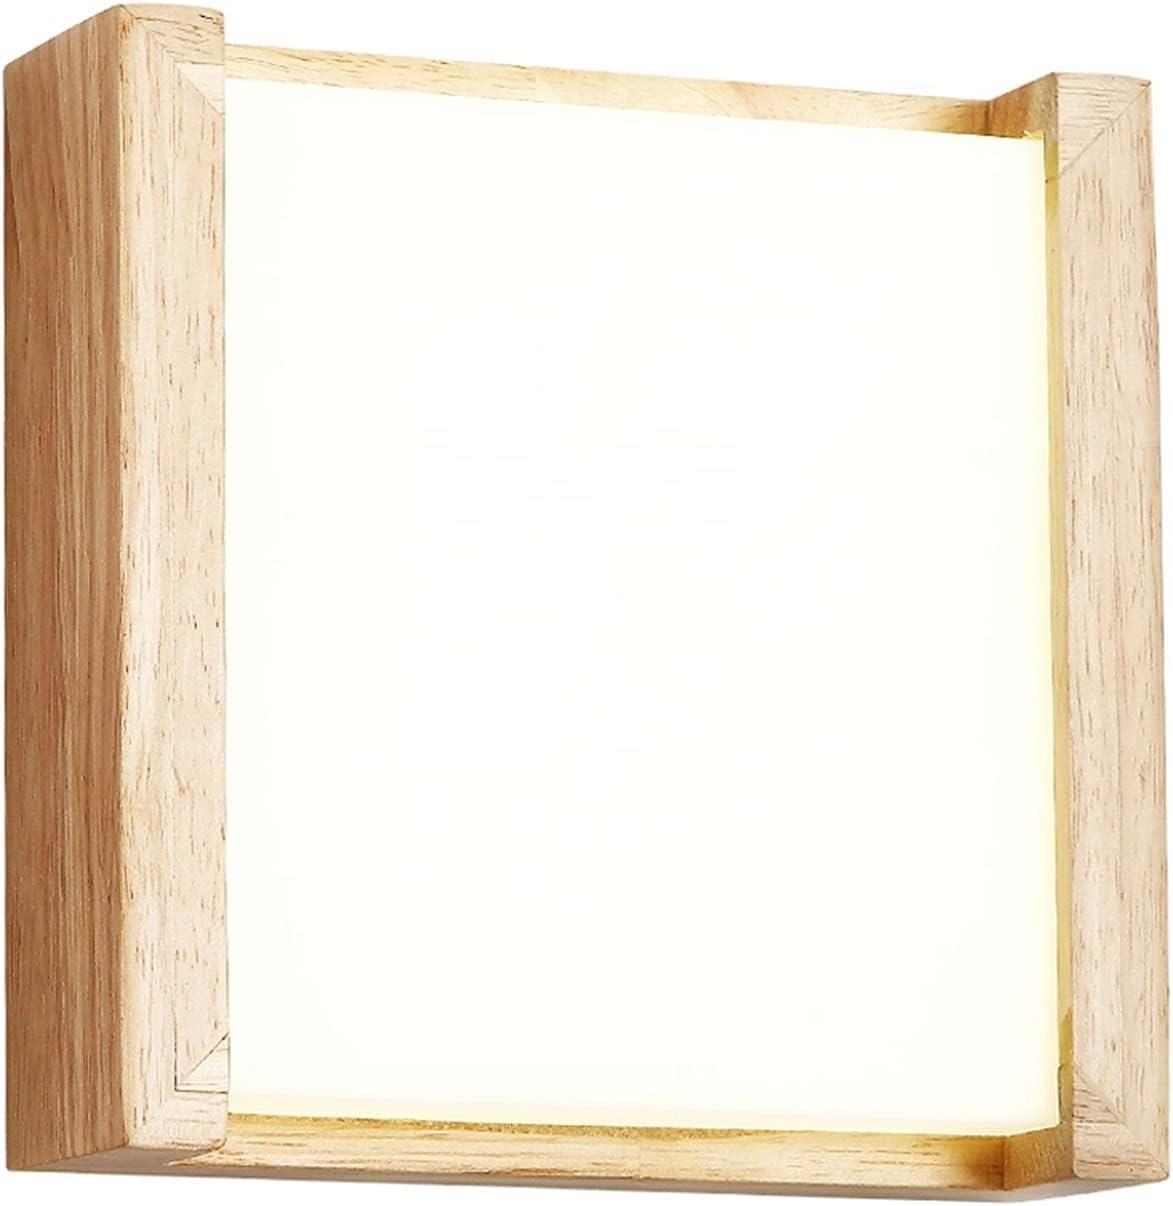 1 0W LED Lámpara de pared Lampada Dormitorio al lado de la pared de la pared Inicio Decoración de interior Iluminación Corredor de montaje de madera Lámpara de montaje Aplique Light Light Lighting Fix